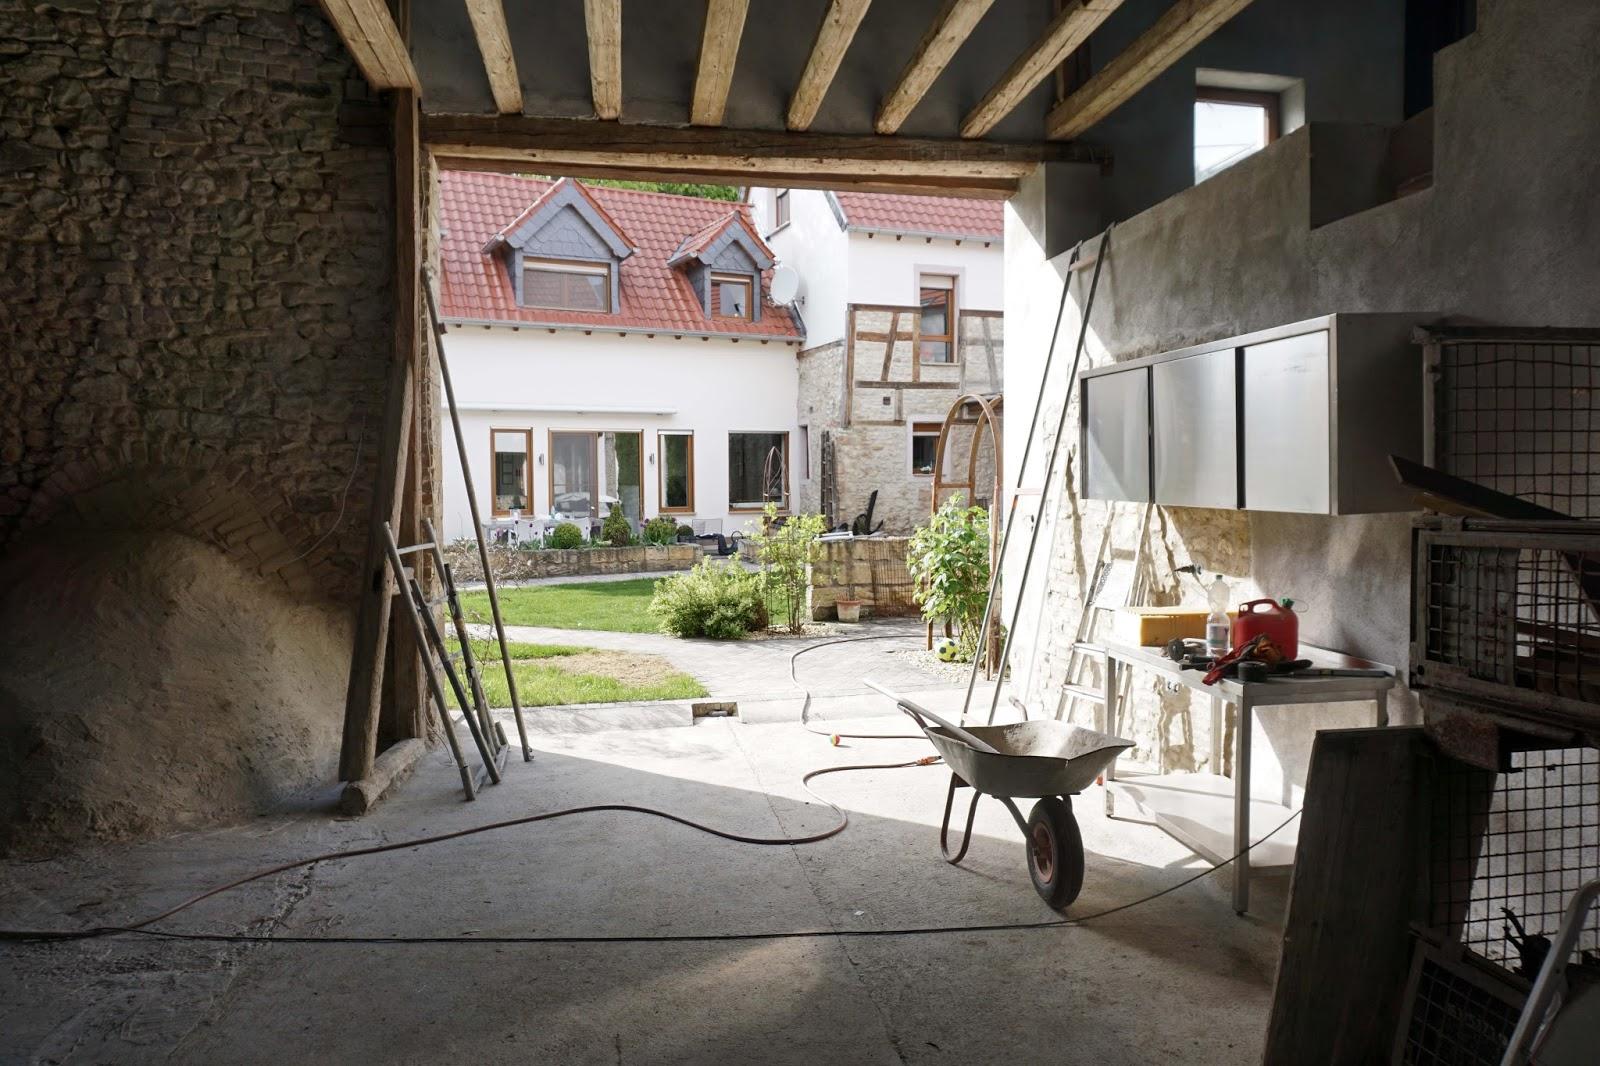 Großzügig Bestes Material Für Die Außenküchenschränke Ideen - Küche ...